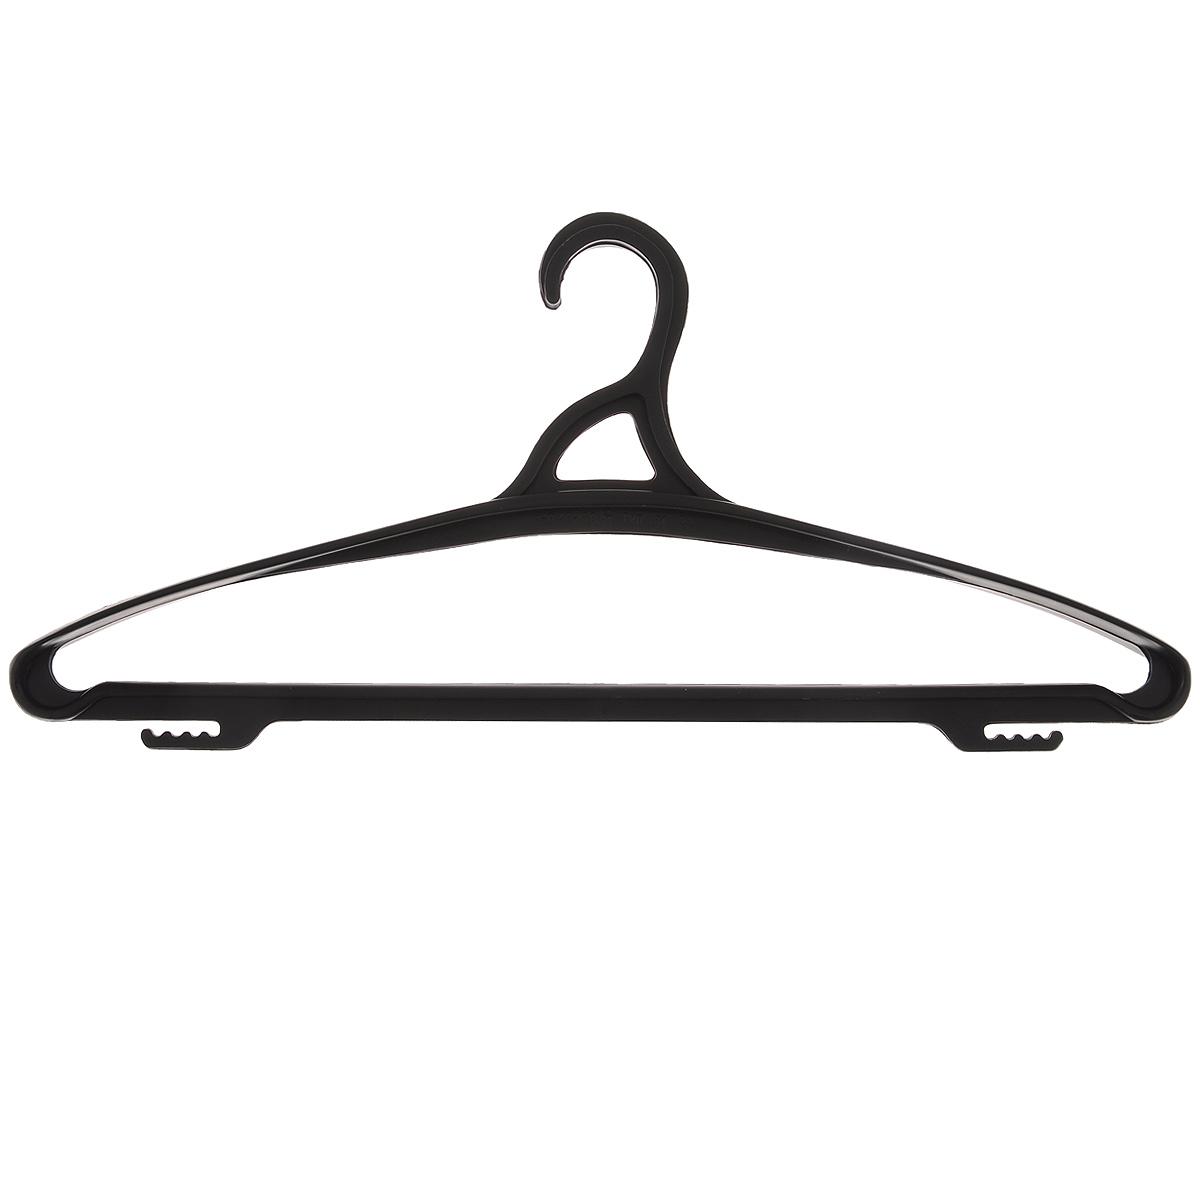 Вешалка ддя верхней одежды Бытпласт, размер 52-54С12023Вешалка для верхней одежды Бытпласт выполнена из прочного пластика. Изделие оснащено перекладиной и боковыми крючками. Вешалка - это незаменимая вещь для того, чтобы ваша одежда всегда оставалась в хорошем состоянии. Размер одежды: 52-54.